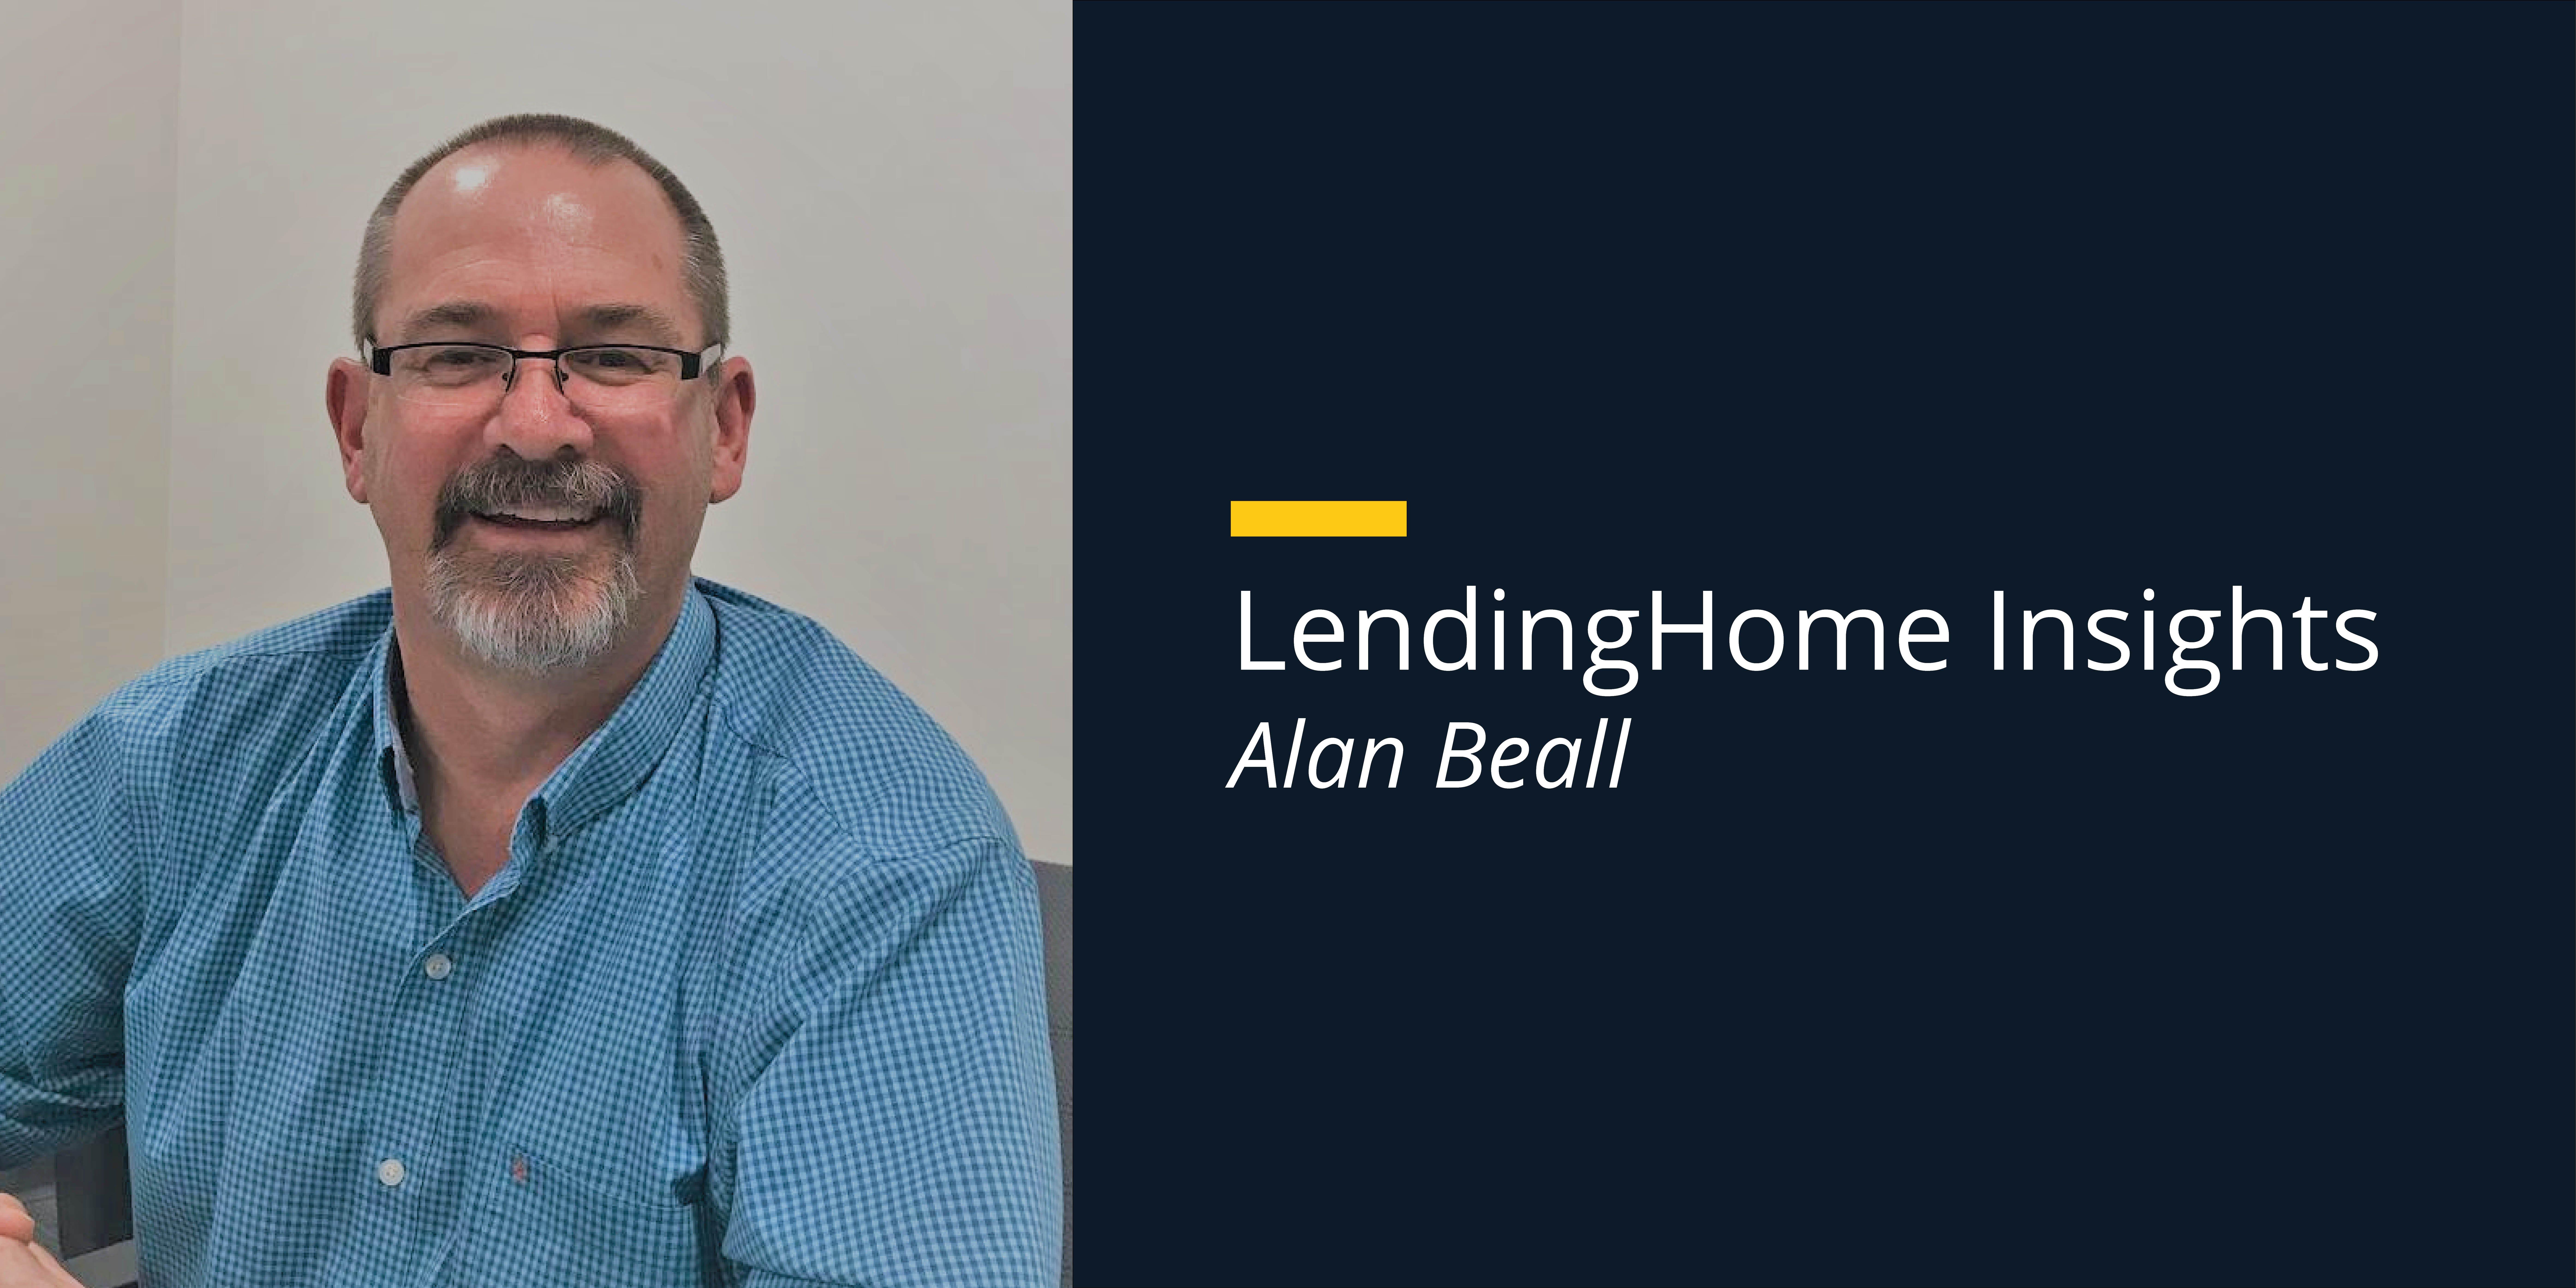 Employee Highlights: Alan Beall